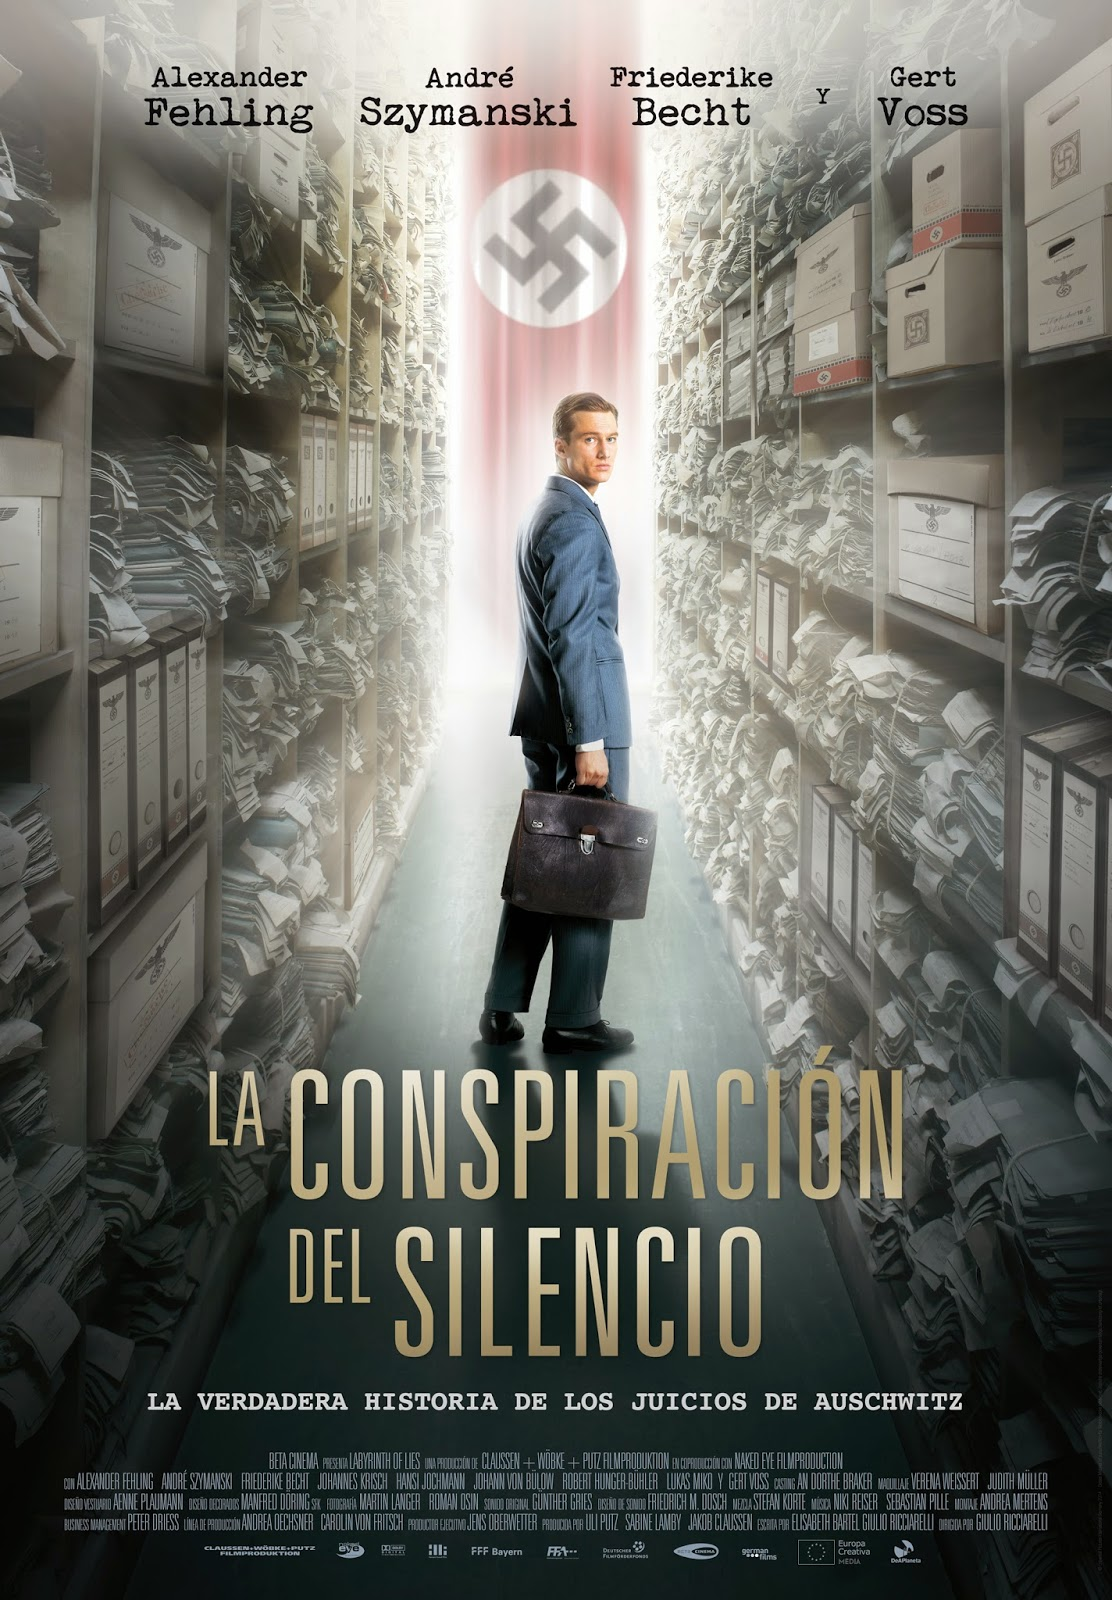 La conspiración del silencio (2014)